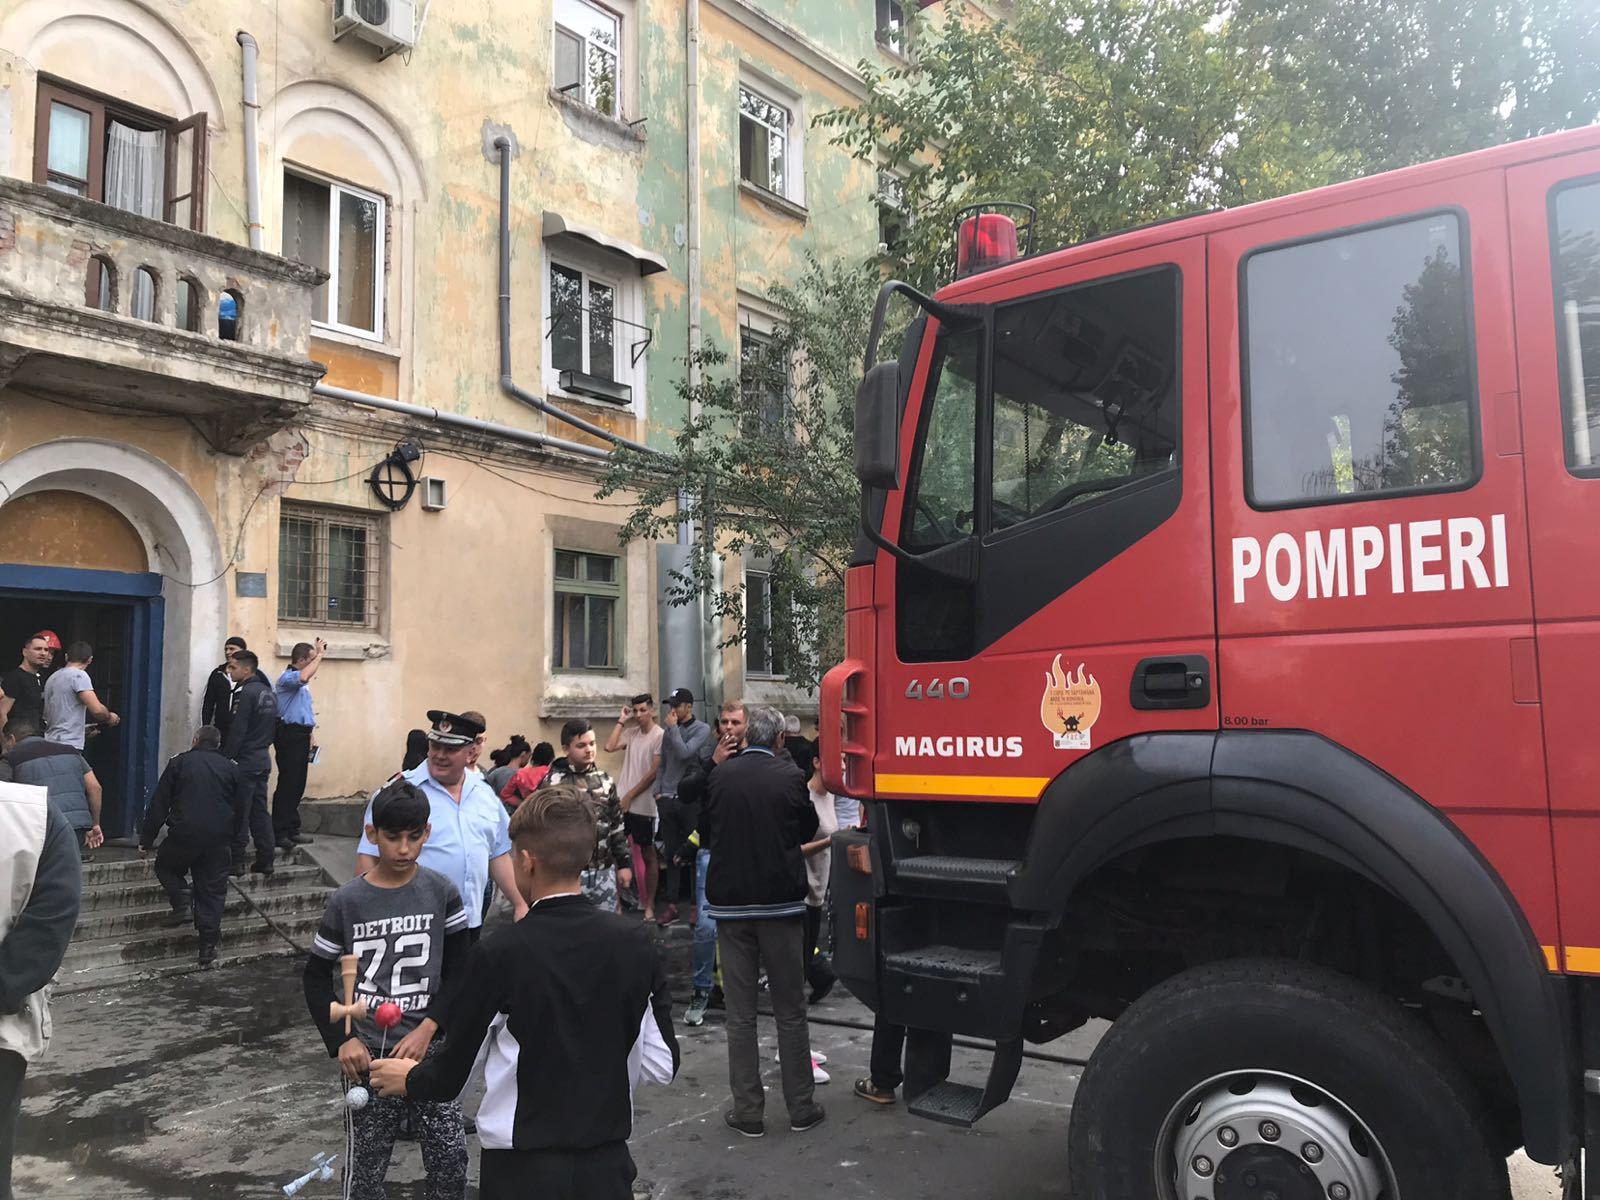 INCENDIU într-un bloc din Craiova: 25 de persoane, printre care şi copii, evacuate   FOTO